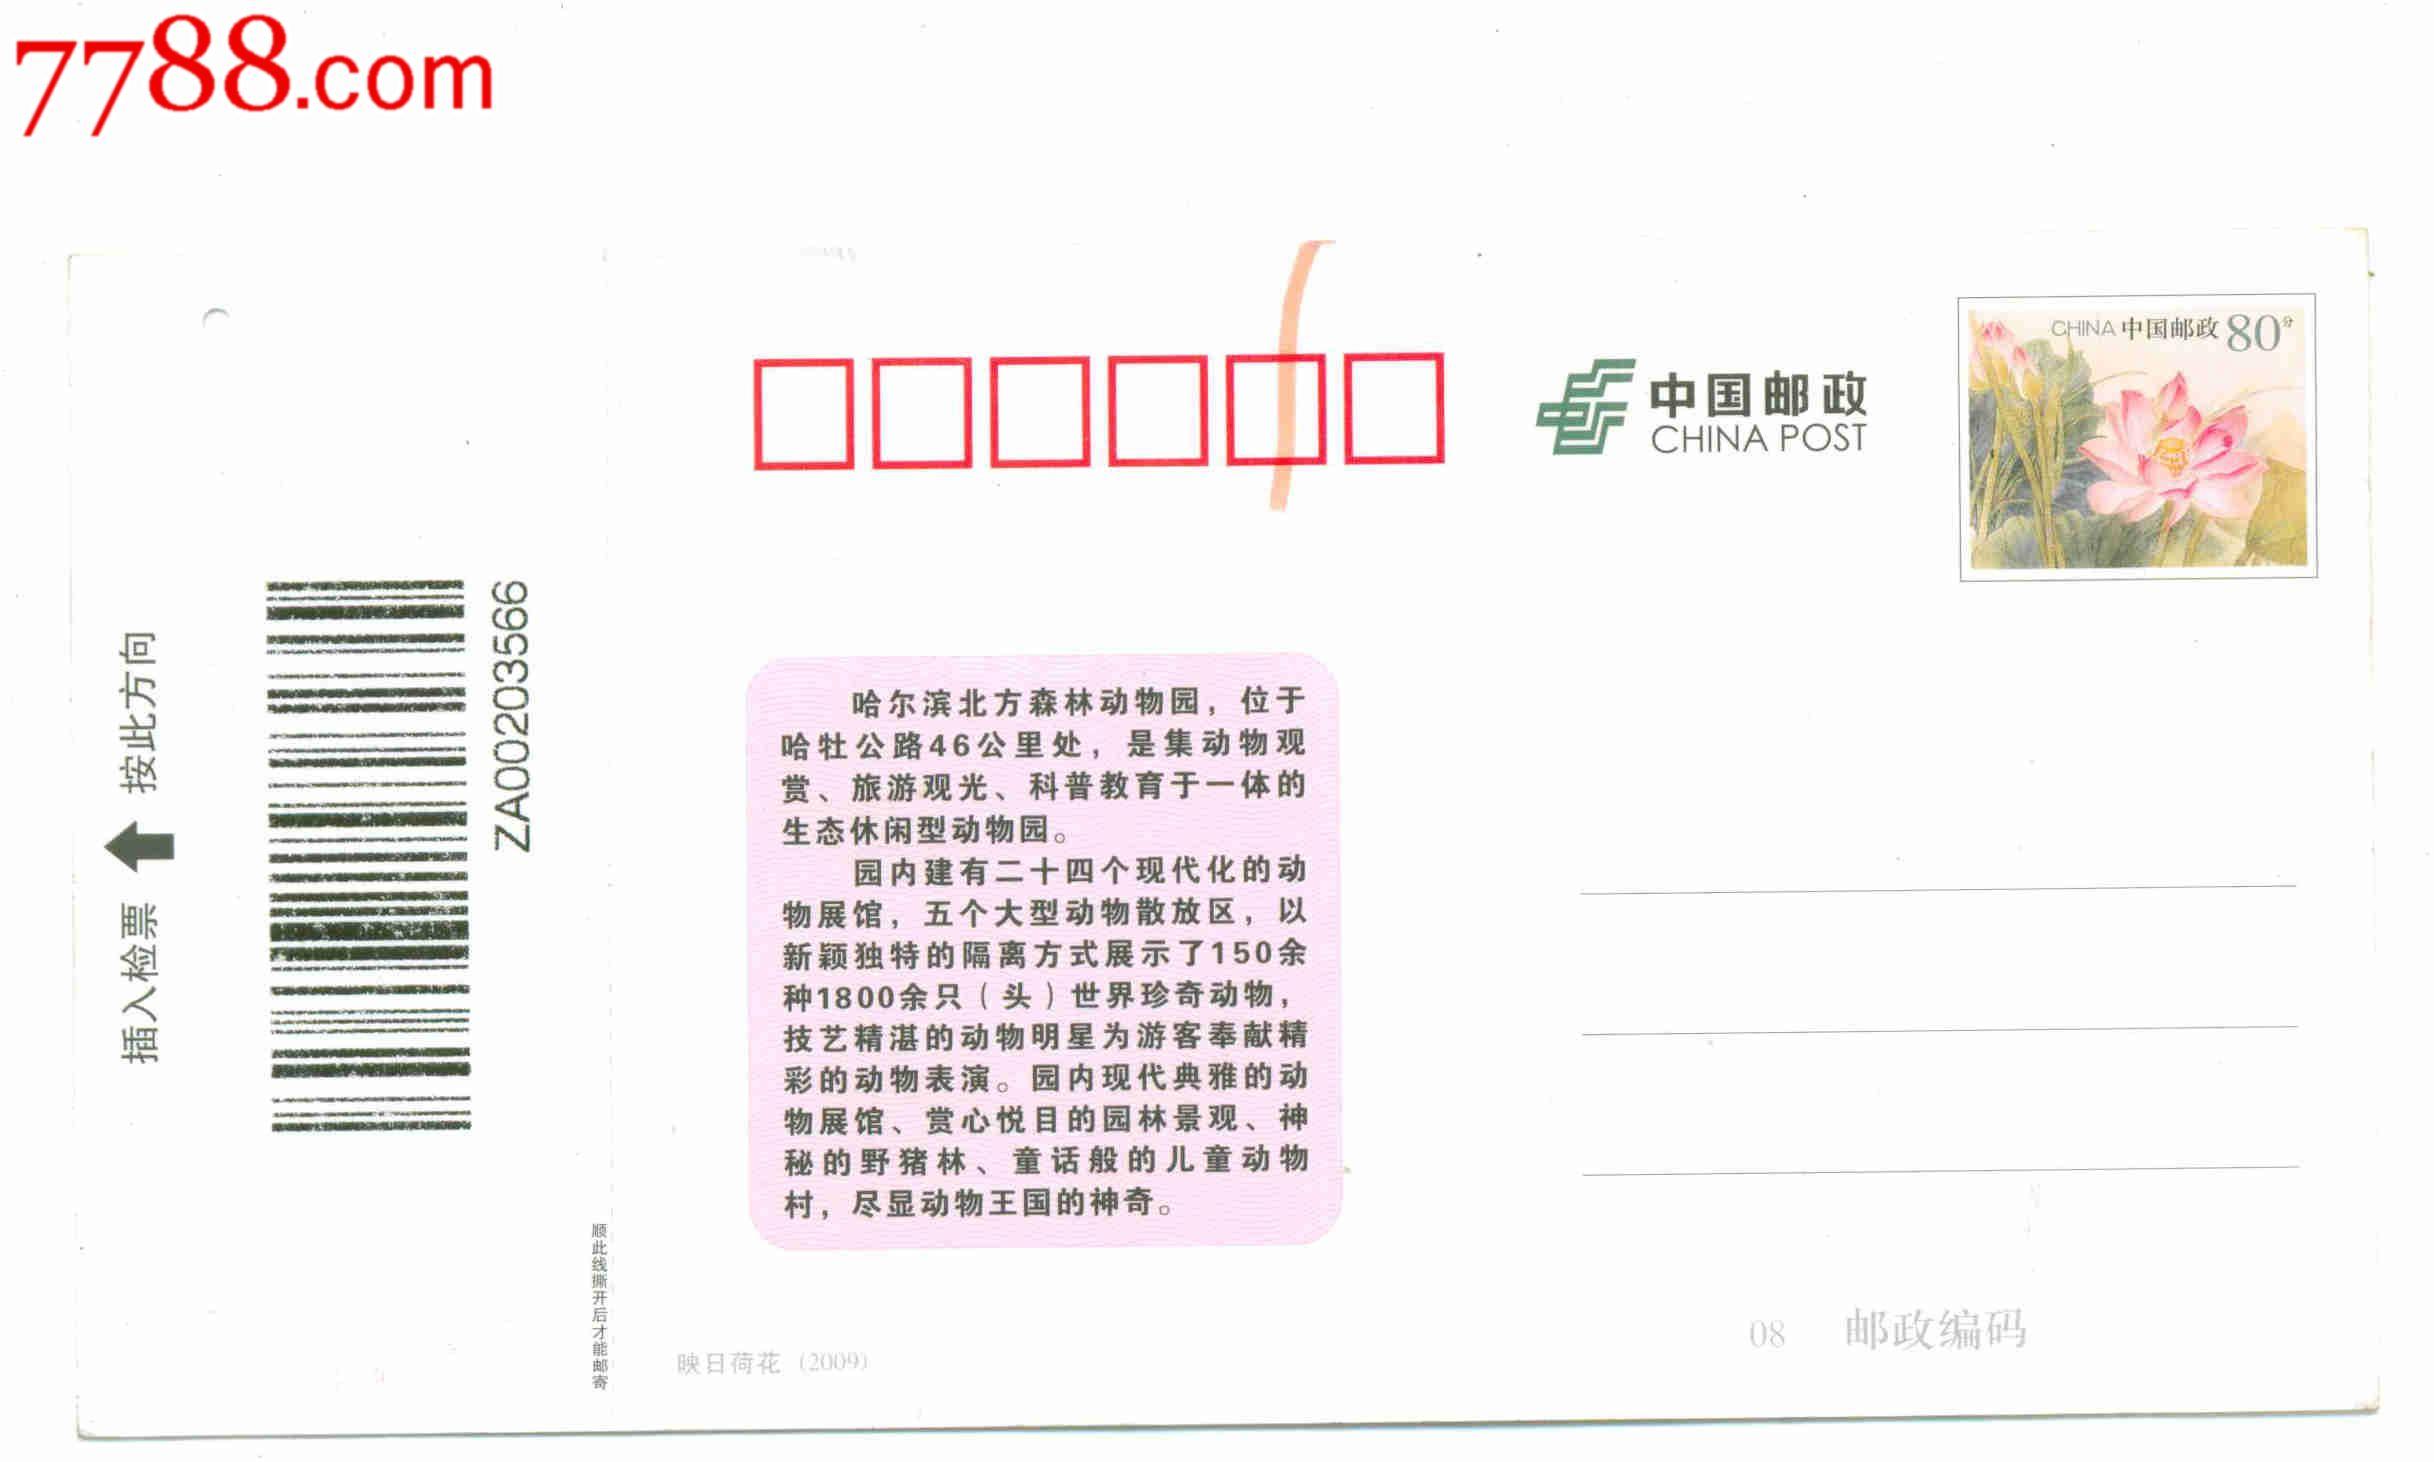 哈尔滨北方森林动物园明信片门票